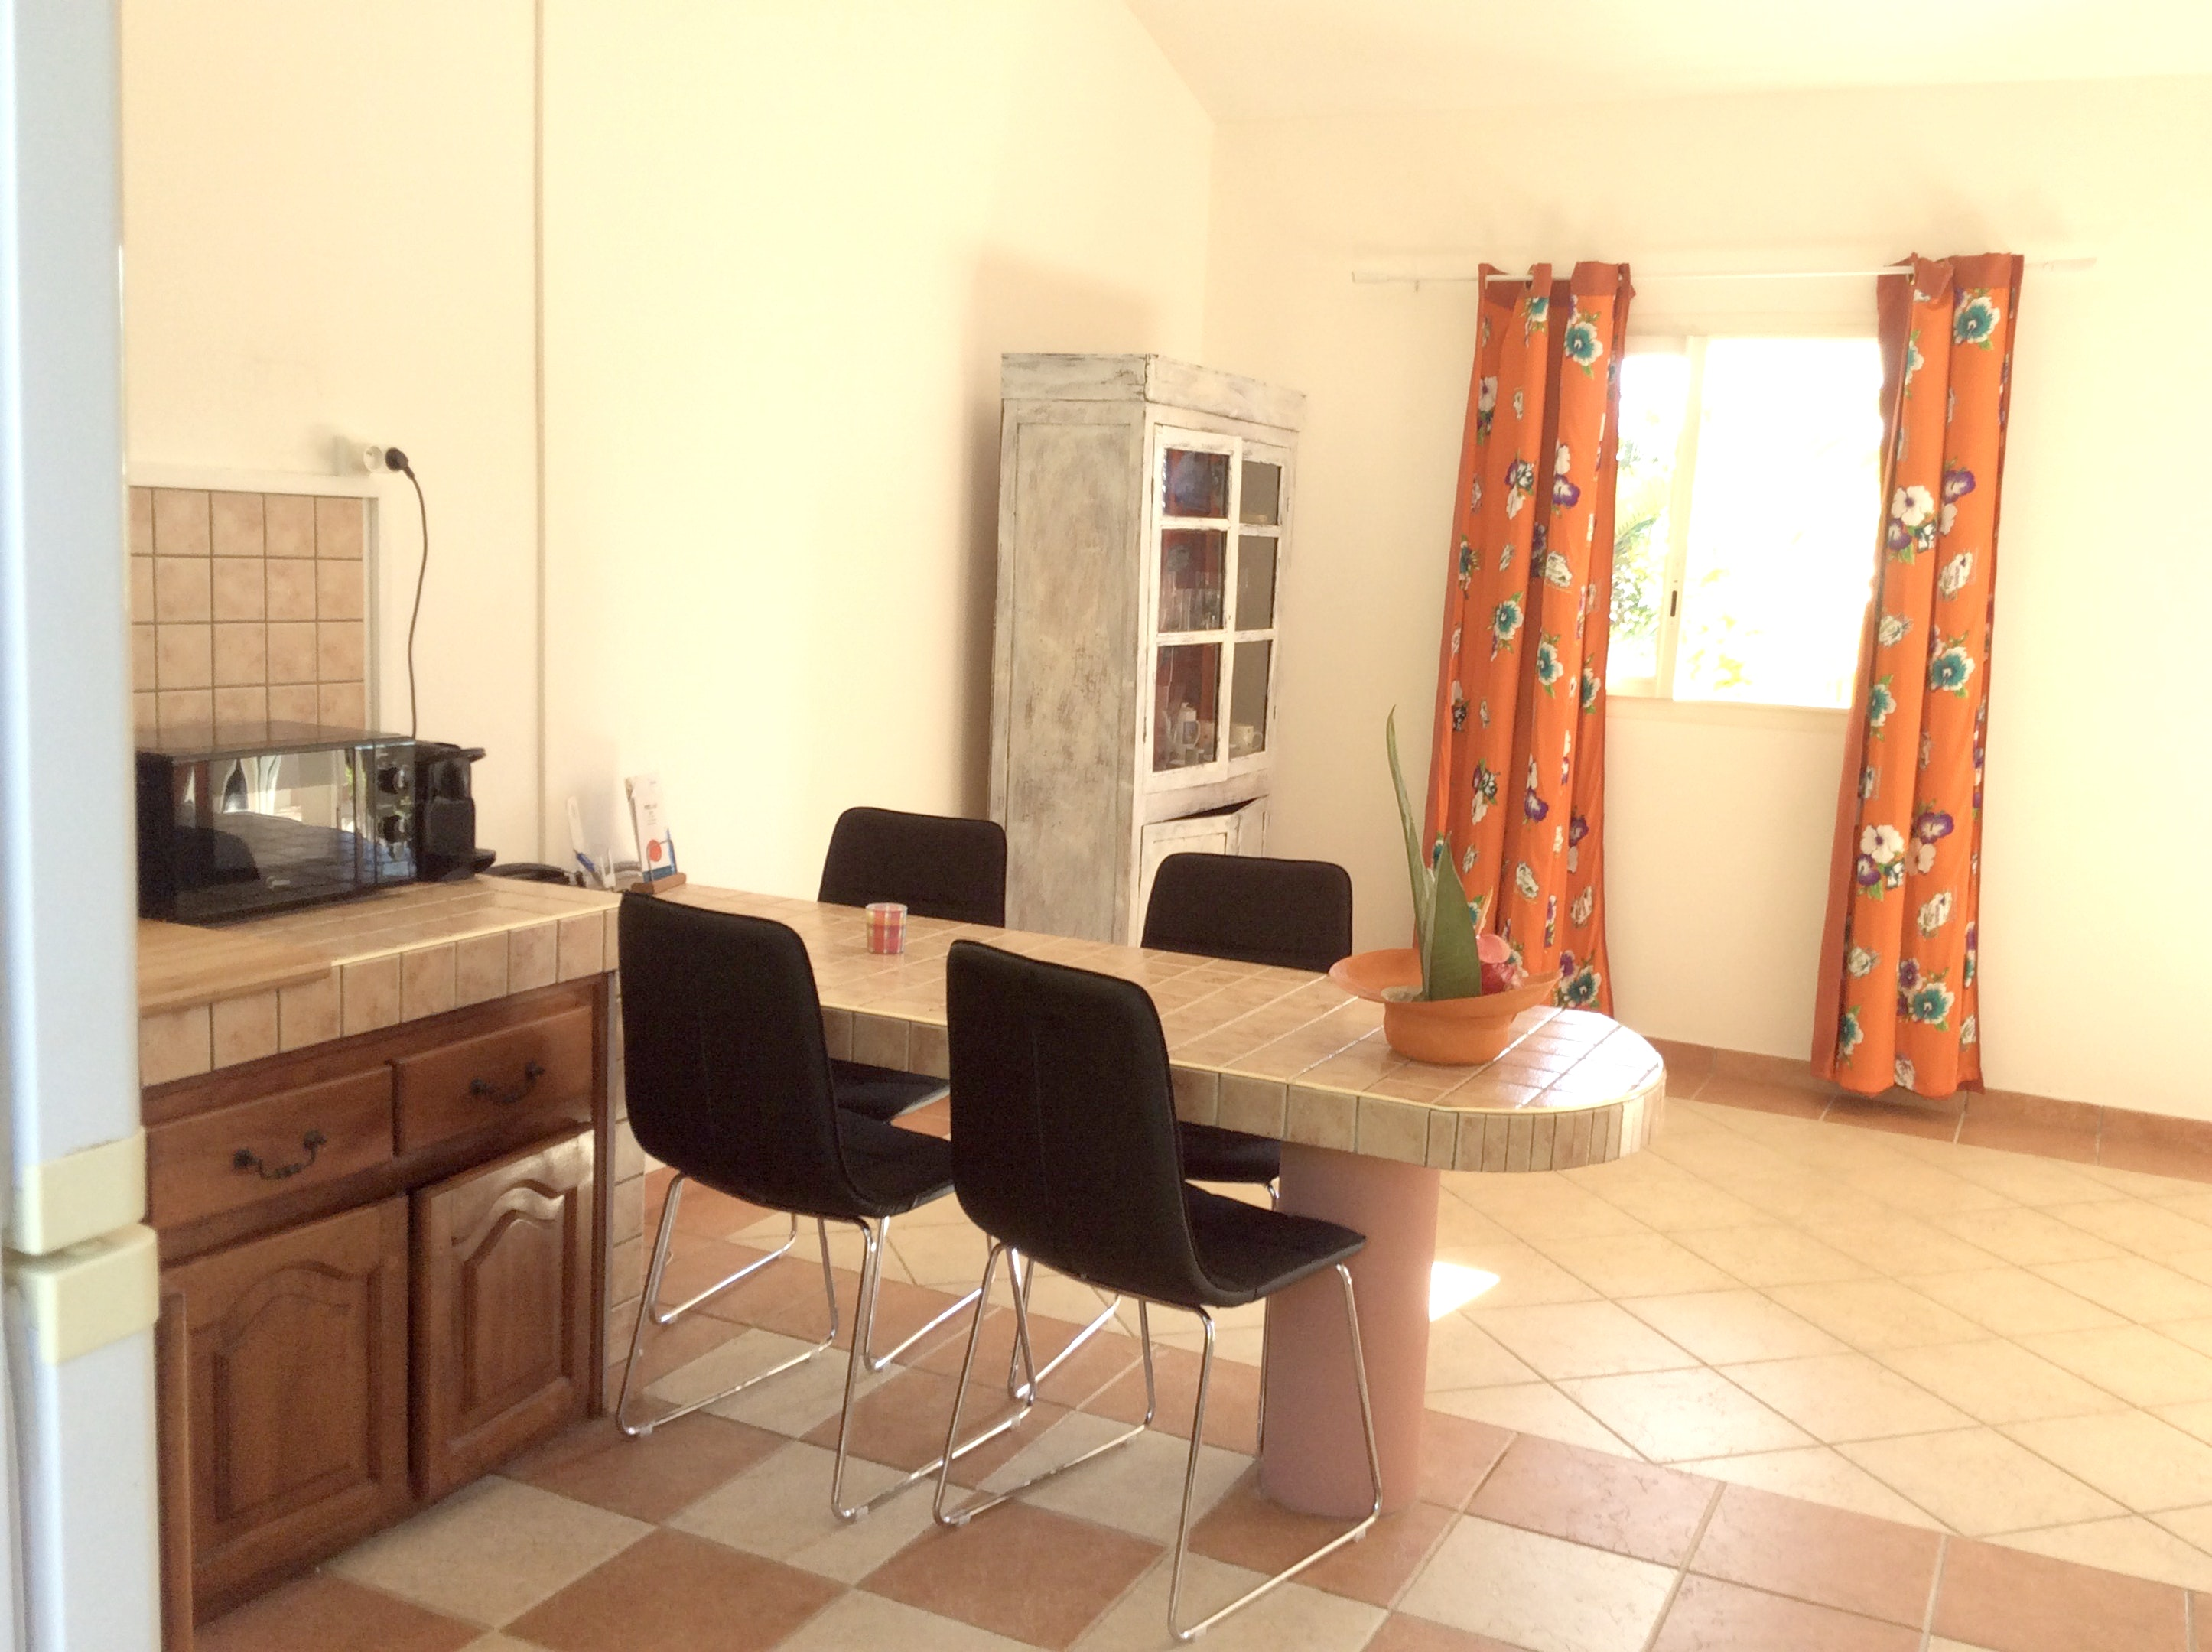 Haus mit 2 Schlafzimmern in Saint suzanne mit herr Ferienhaus in Afrika